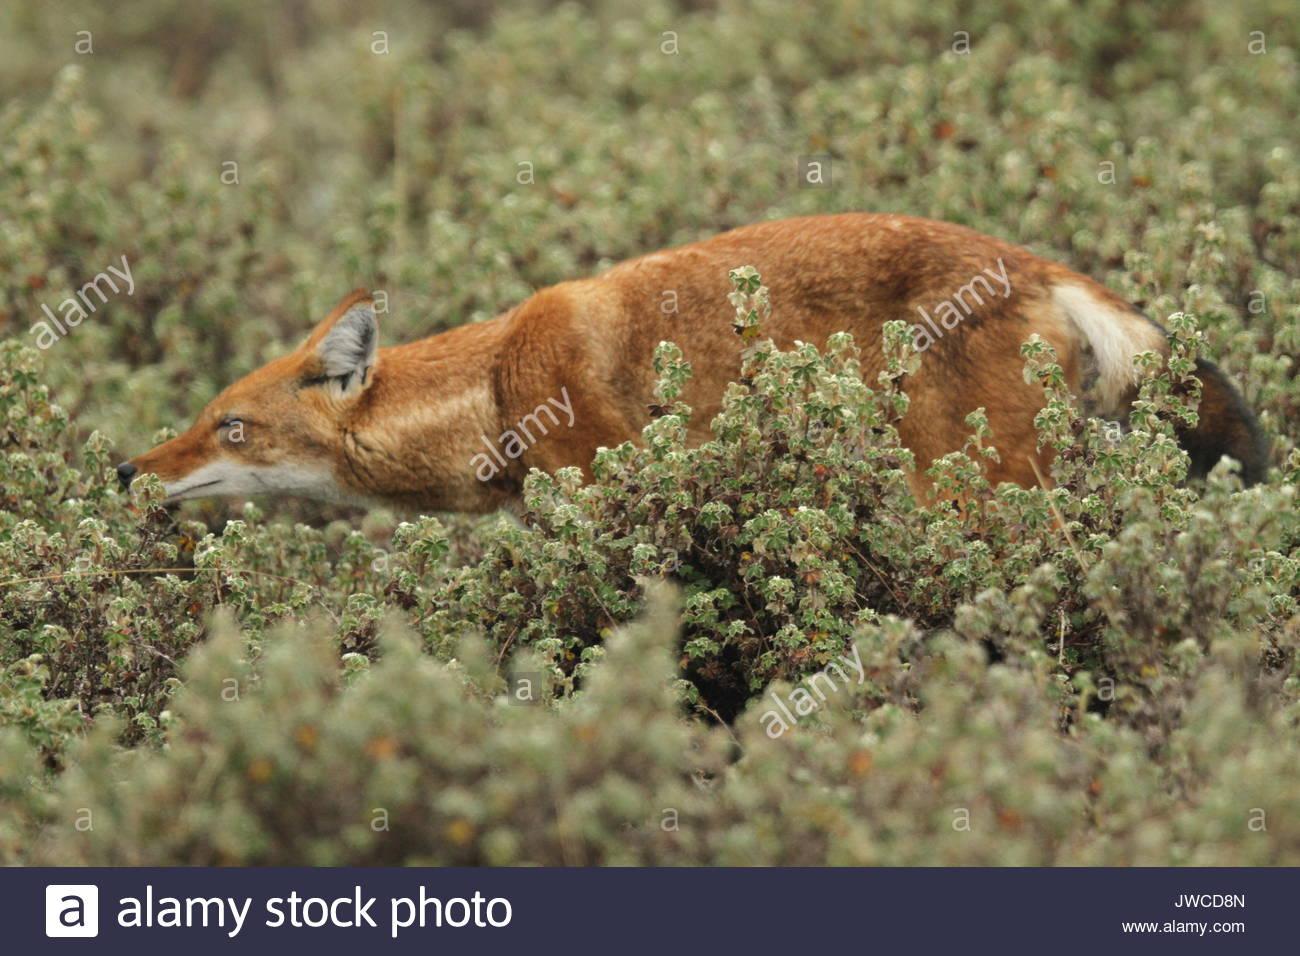 Un loup éthiopien Canis simensis,,promenades à travers la végétation dans le Parc National des Montagnes de balle. Photo Stock